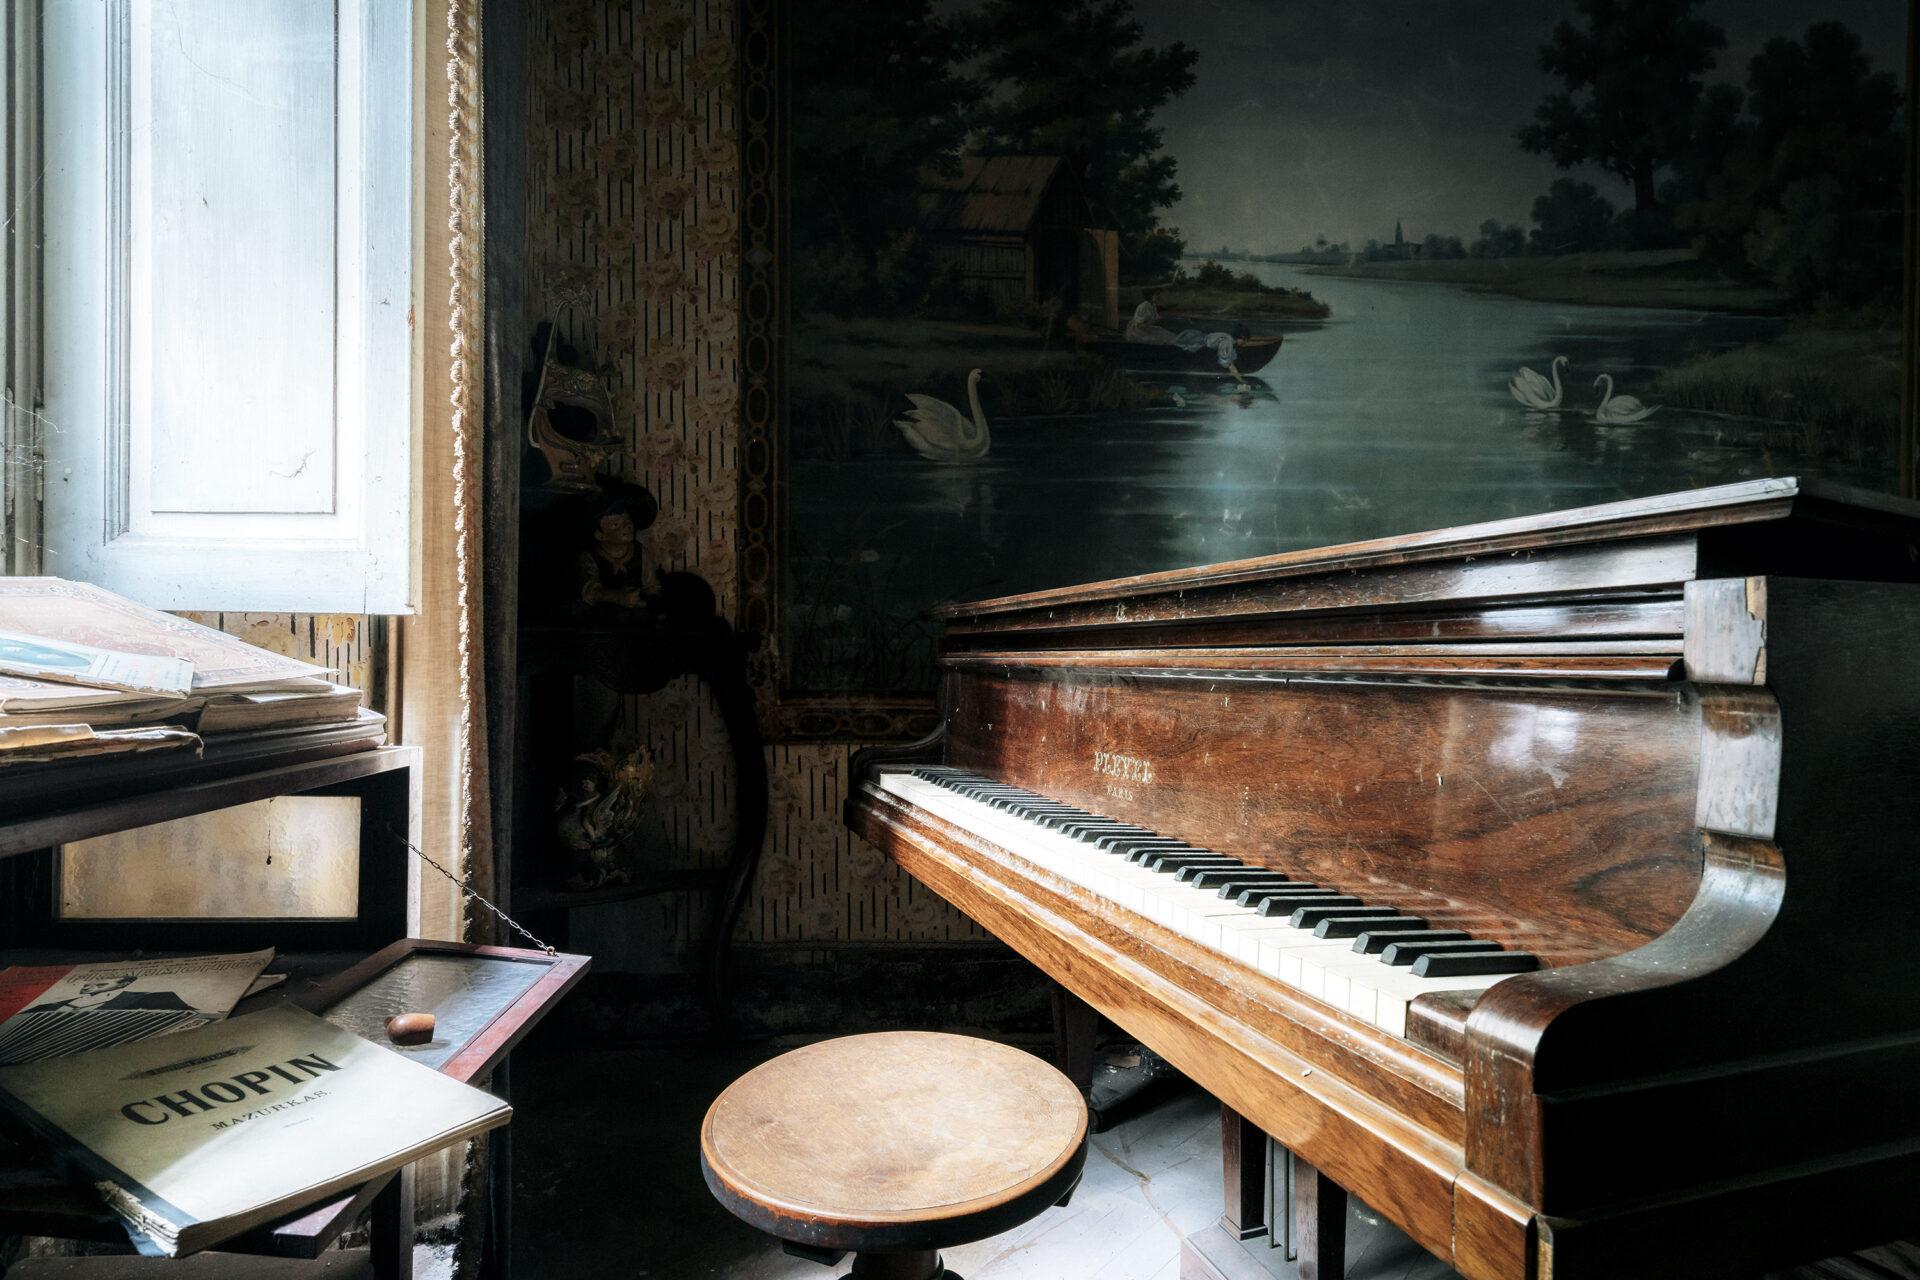 Requiem pour pianos 43 | Serie Requiem pour pianos | Romain Thiery